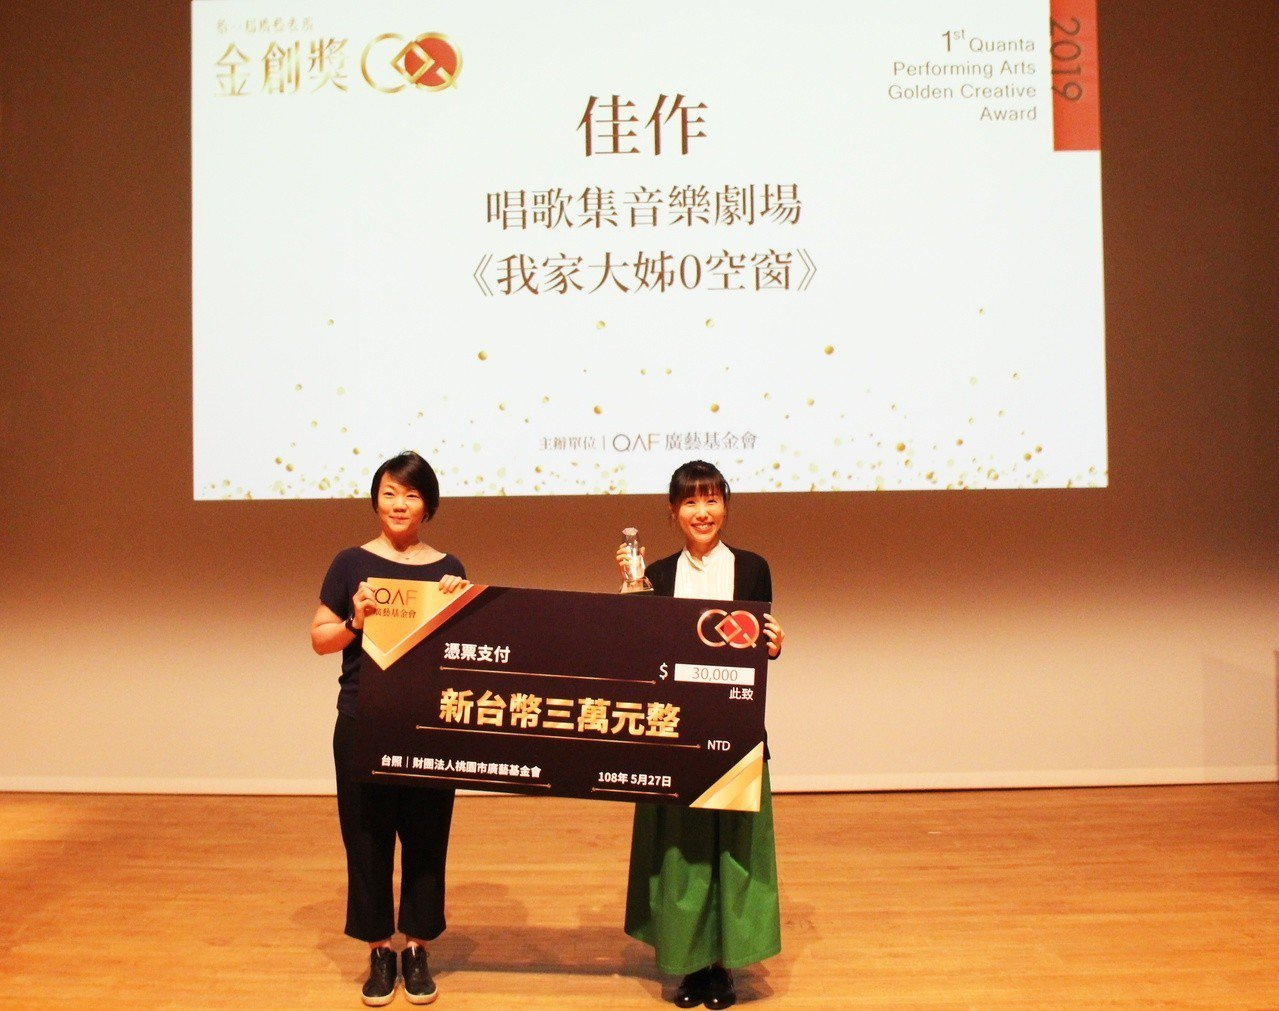 來自高雄的唱歌集音樂劇場的《我家大姊0空窗》榮獲佳作 廣藝基金會